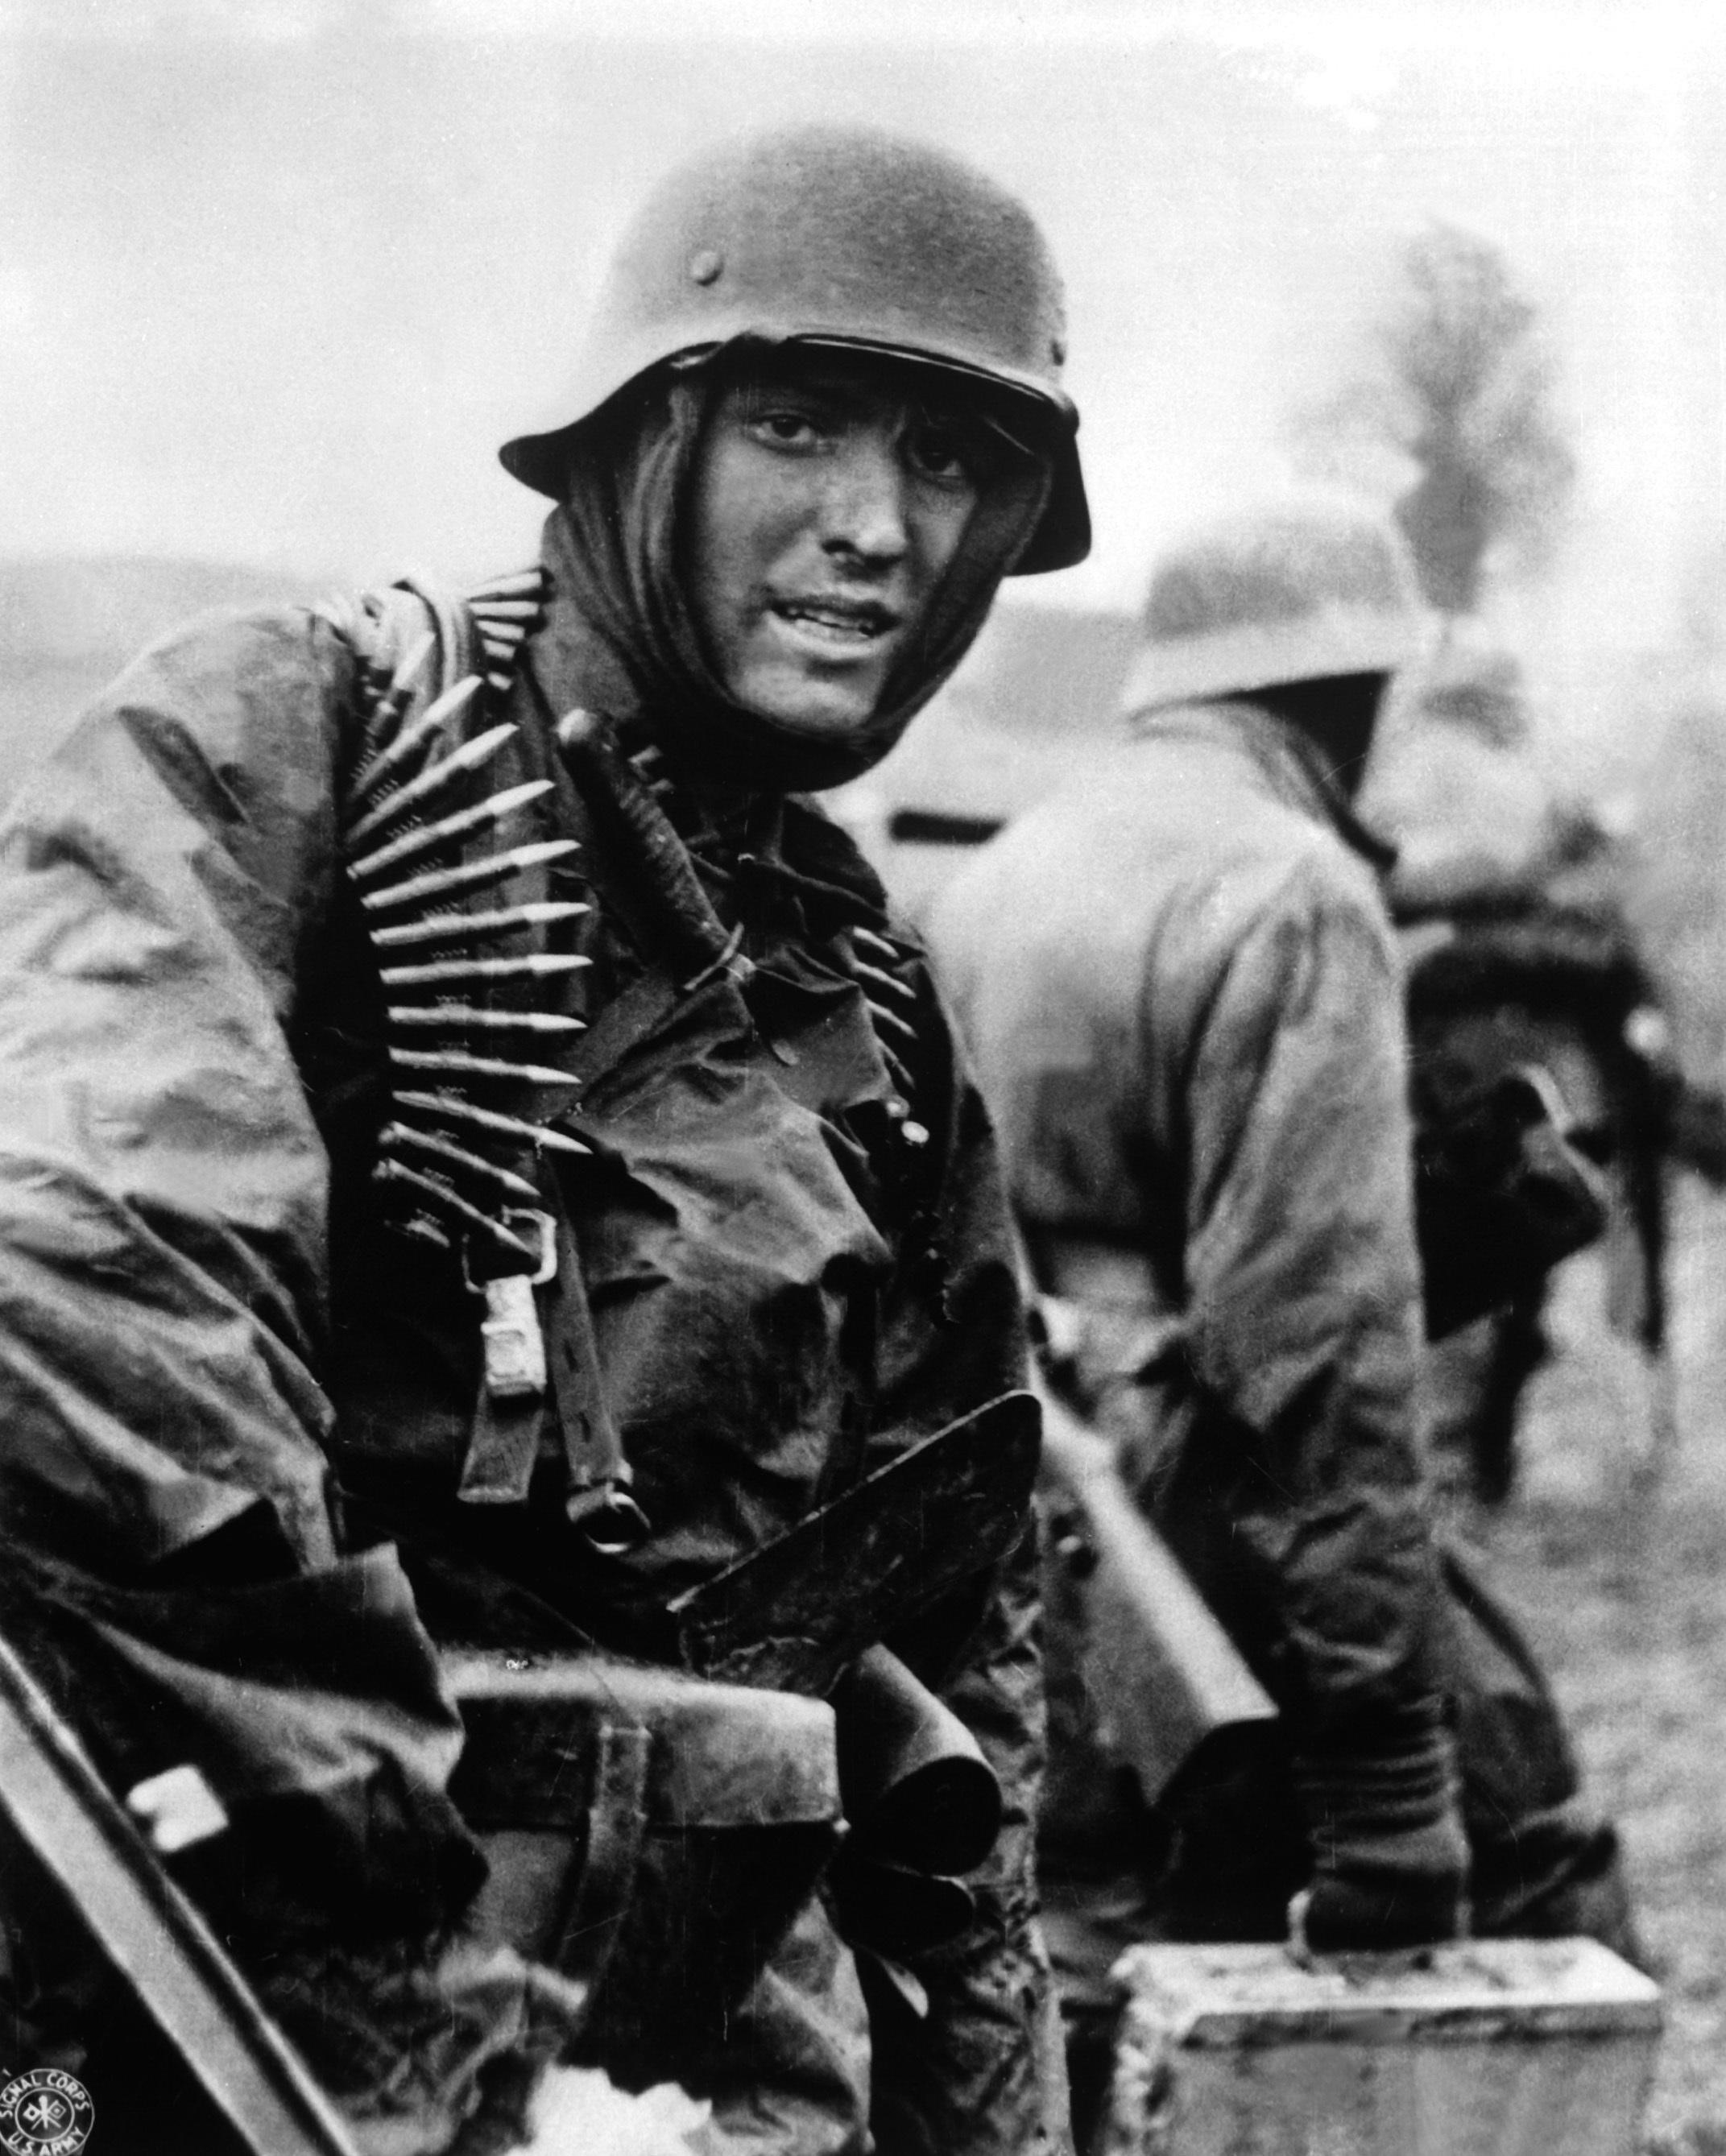 German soldier Ardennes